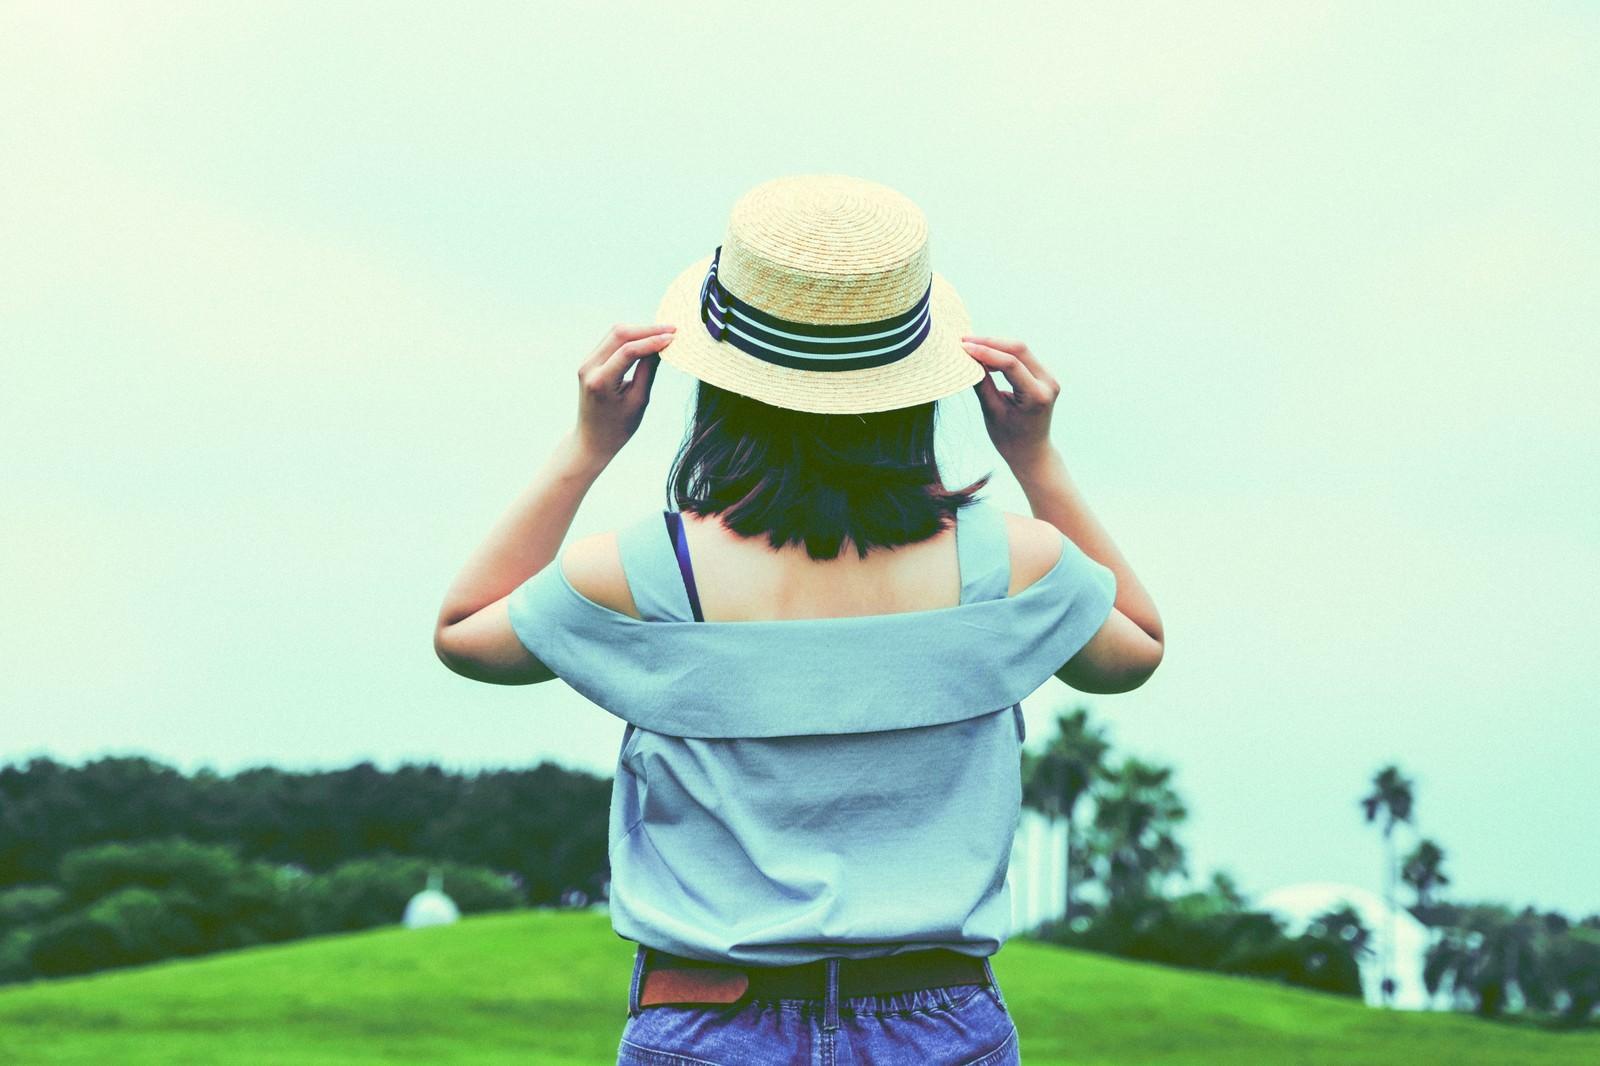 「小さい麦わら帽子をかぶる女子の後ろ姿」の写真